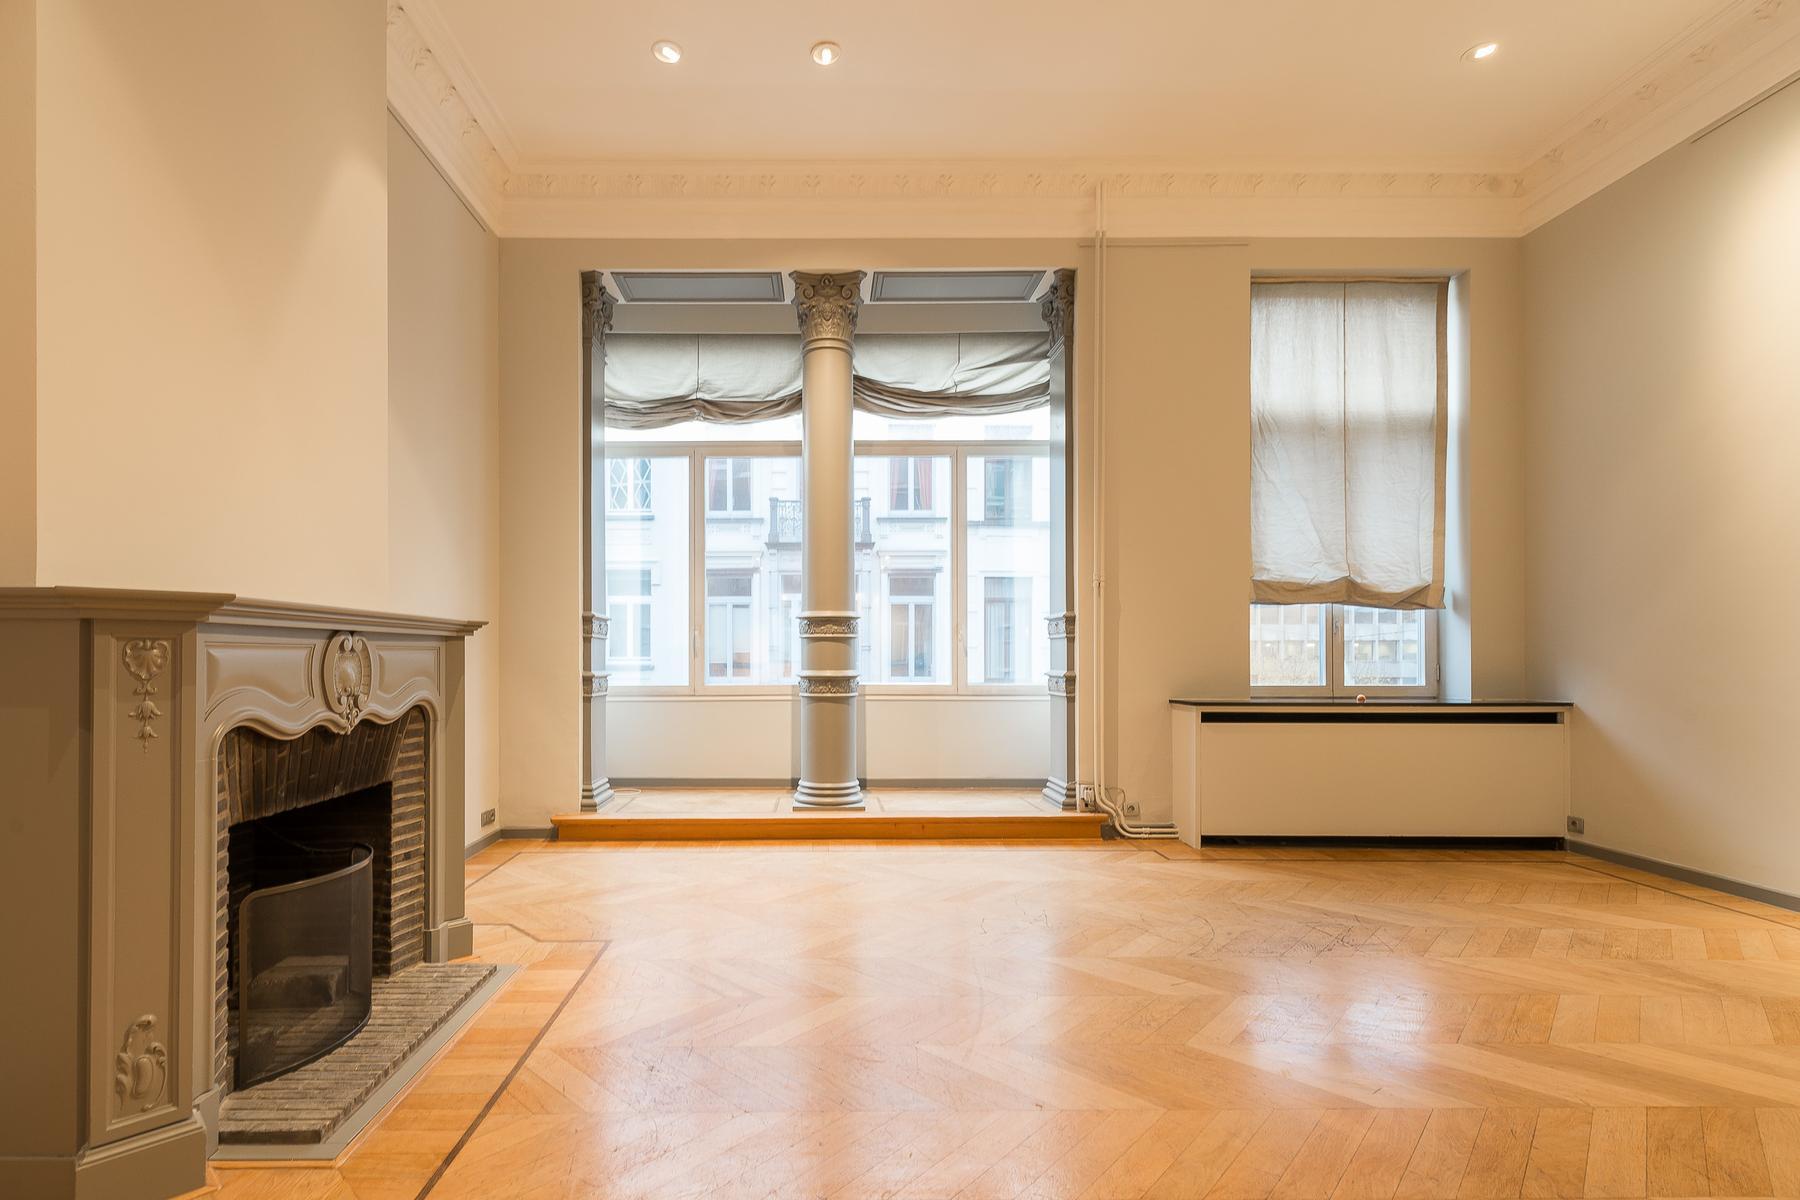 Other Residential for Rent at Bruxelles I Sablon 43 Rue Ernest Allard Brussels, Brussels 1000 Belgium